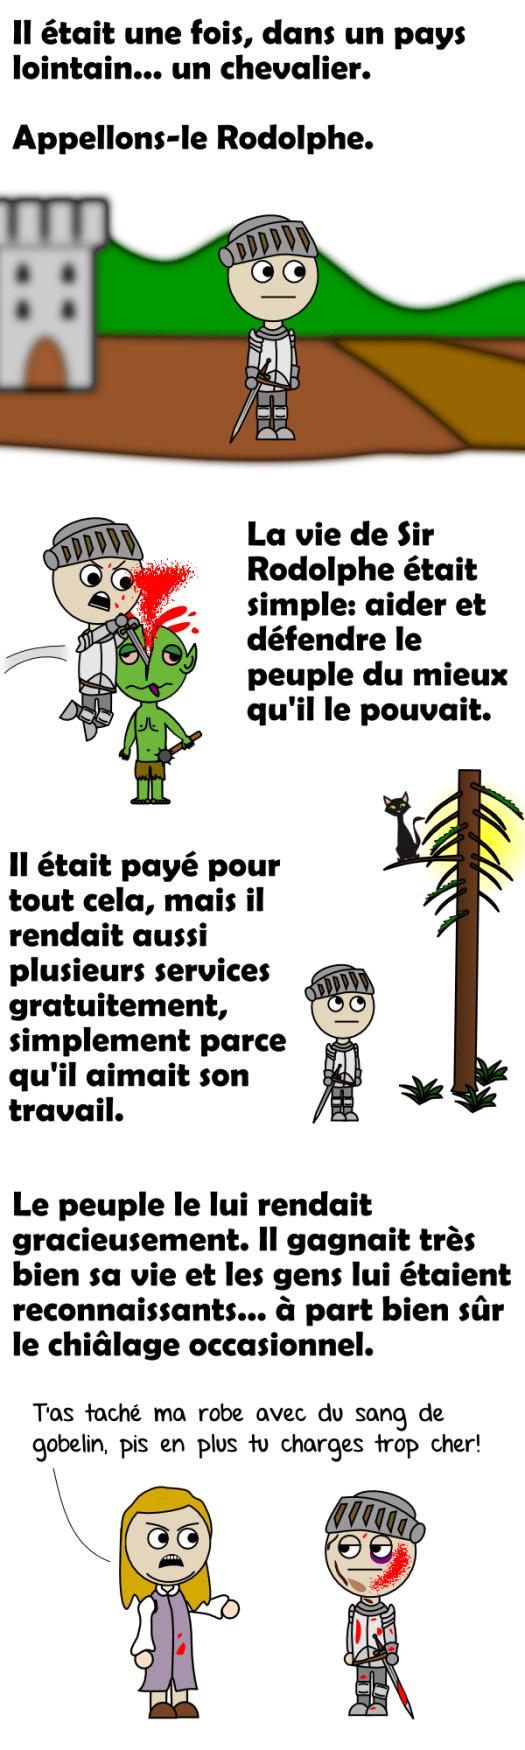 Le chevalier Rodolphe